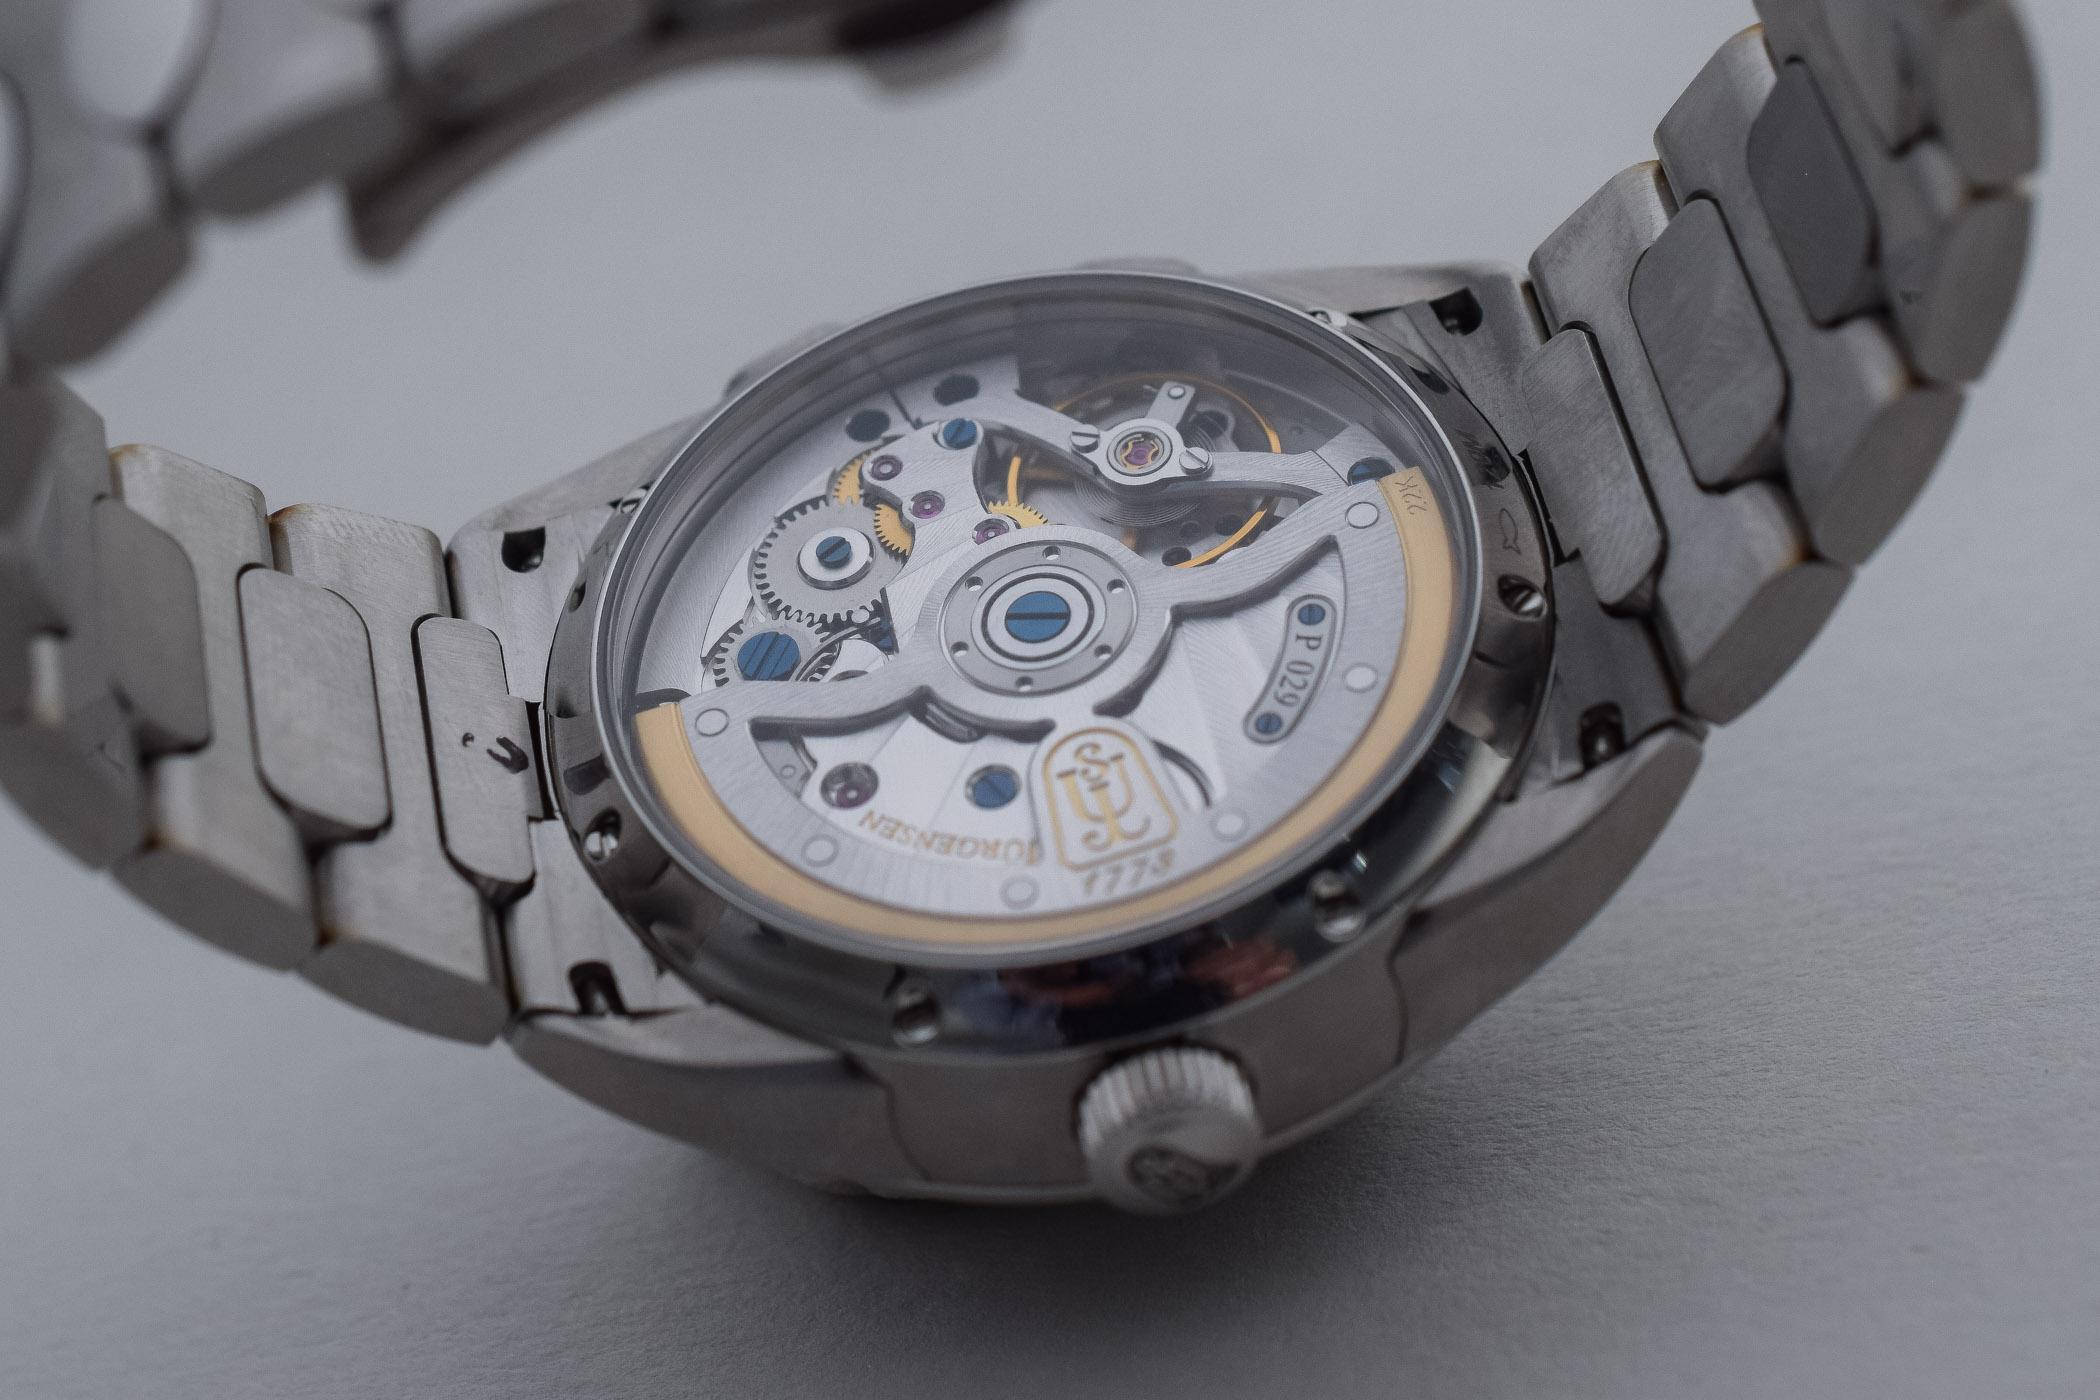 Urban Jurgensen First Luxury Sports Watch - Jurgensen One Collection - 8